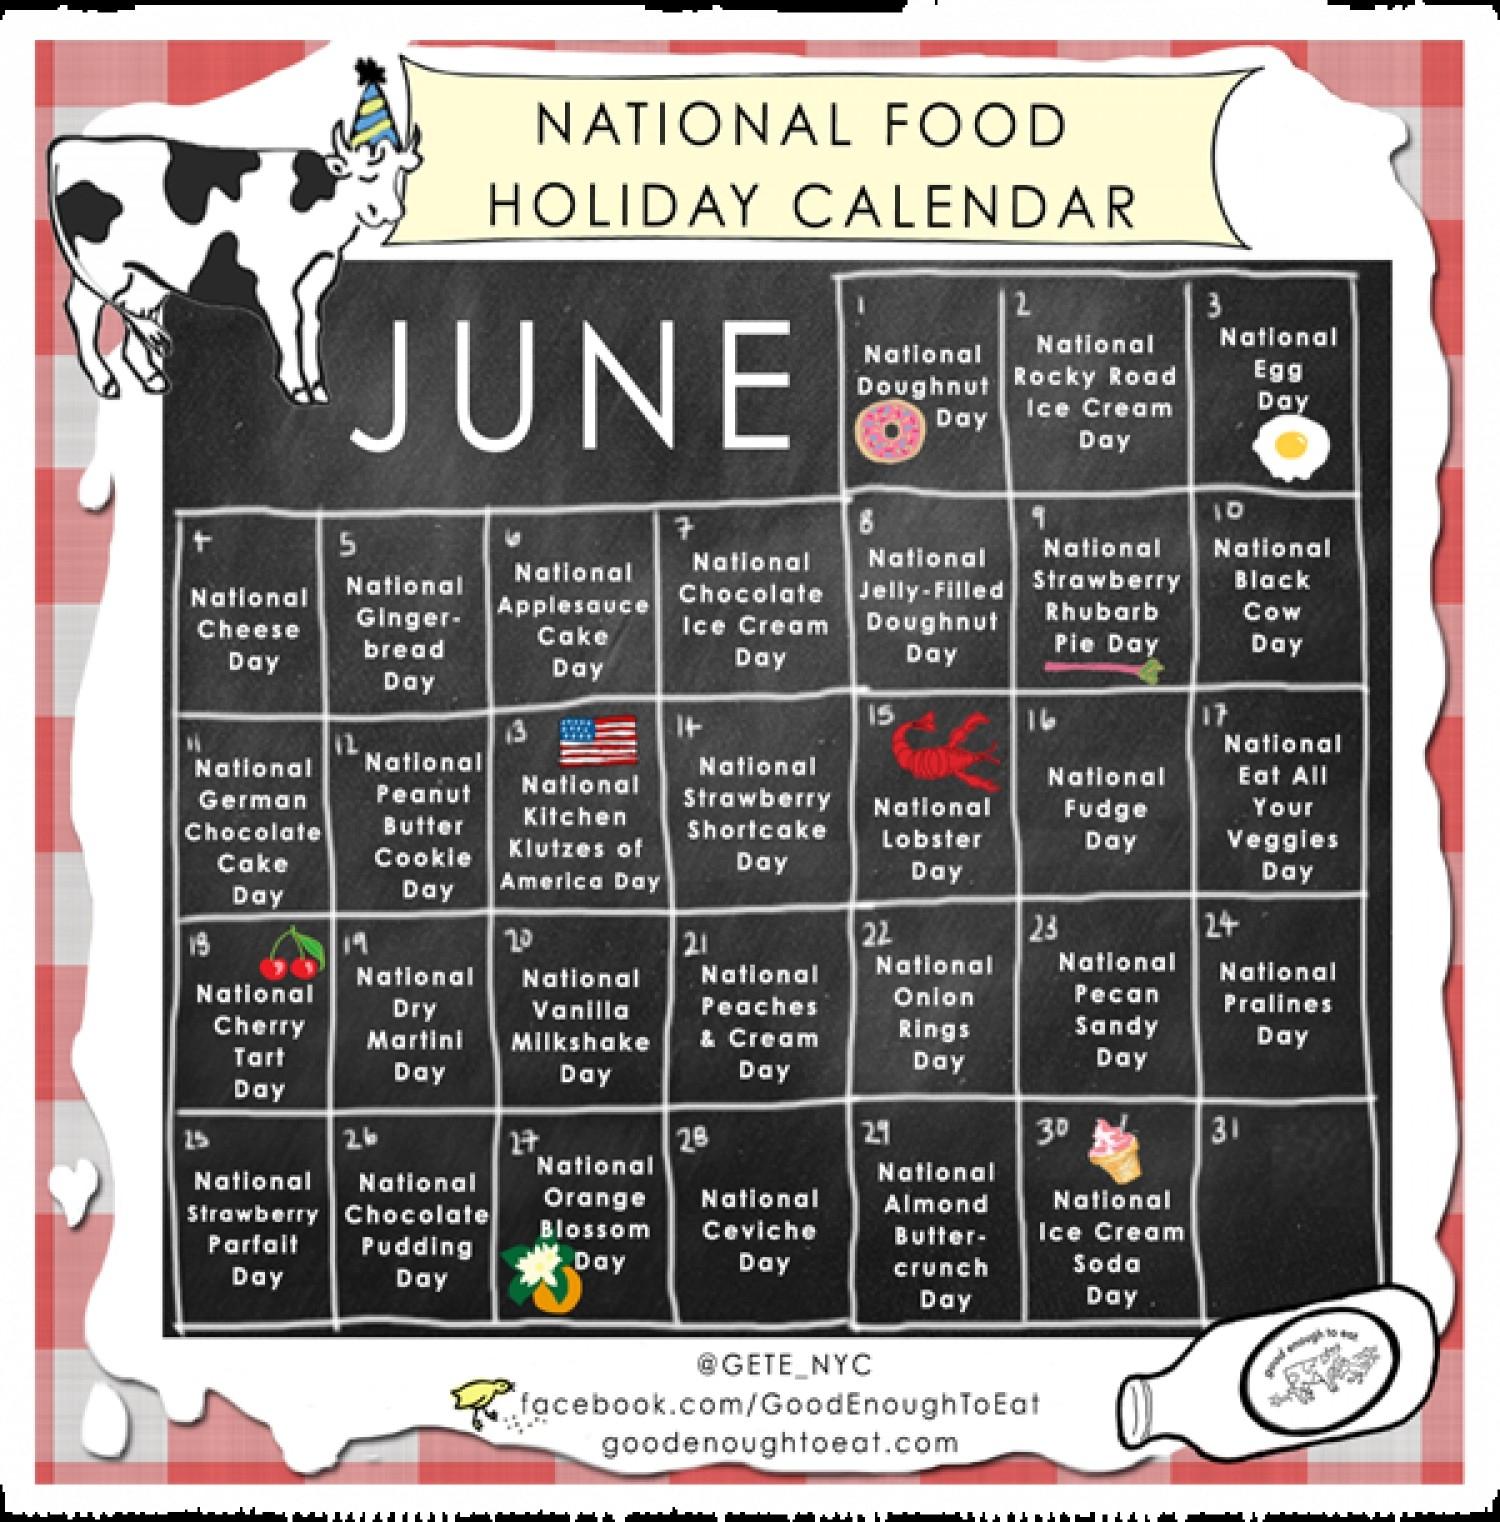 National Food Holiday Calendar - June 2013 | Visual.ly-National Food Holidays Calendar